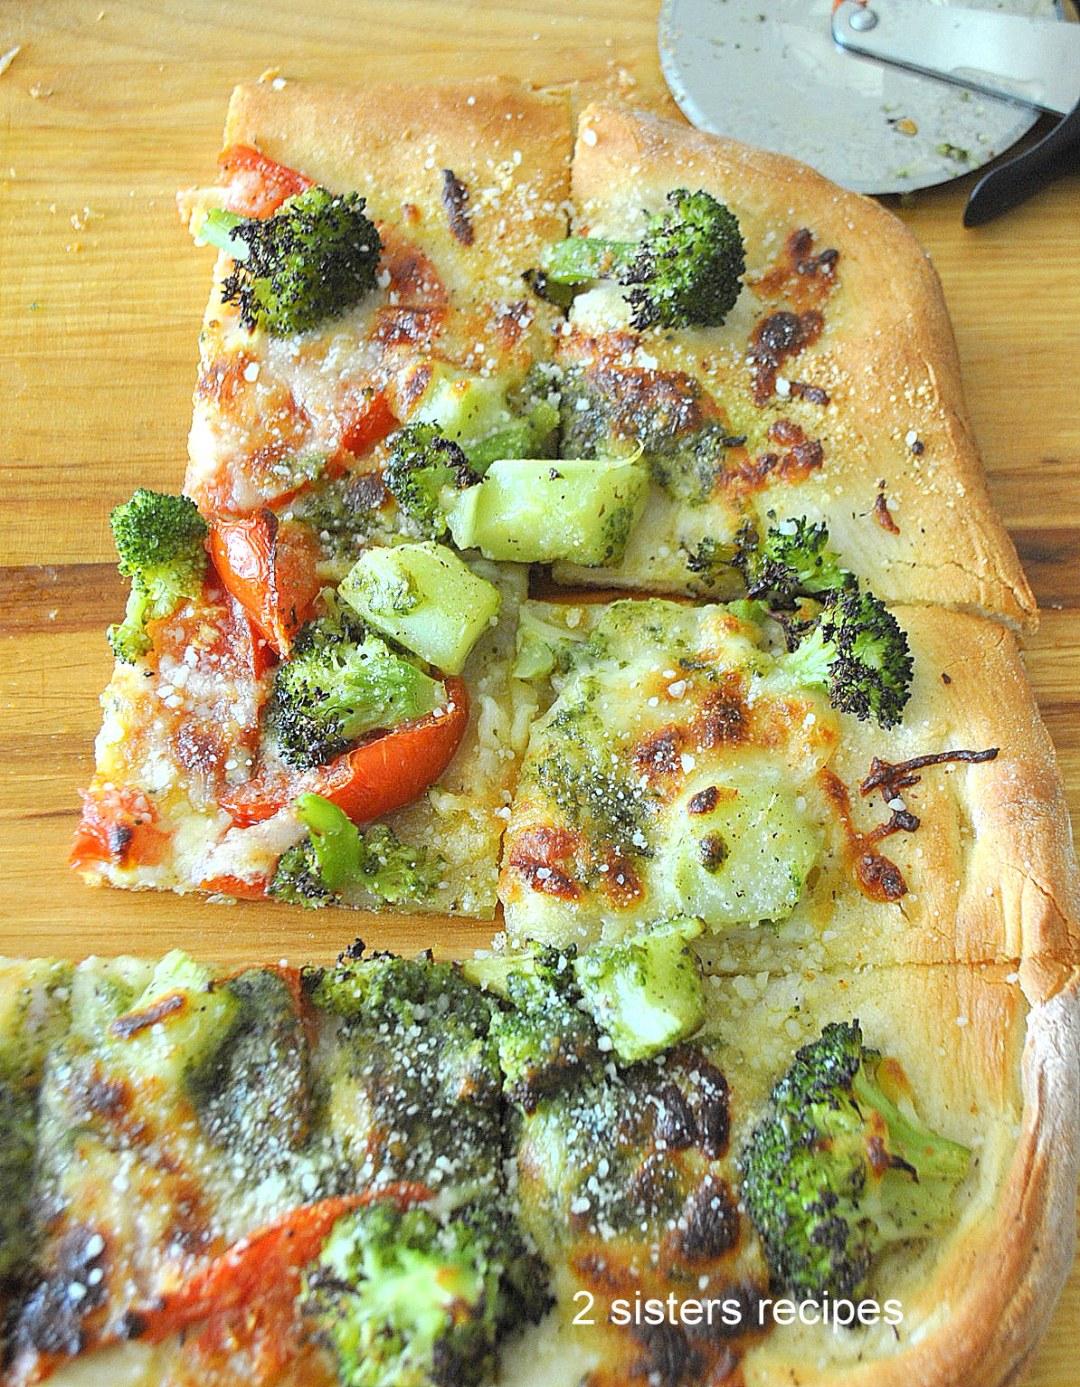 Broccoli Tomato Pesto Pizza by 2sistersrecipes.com